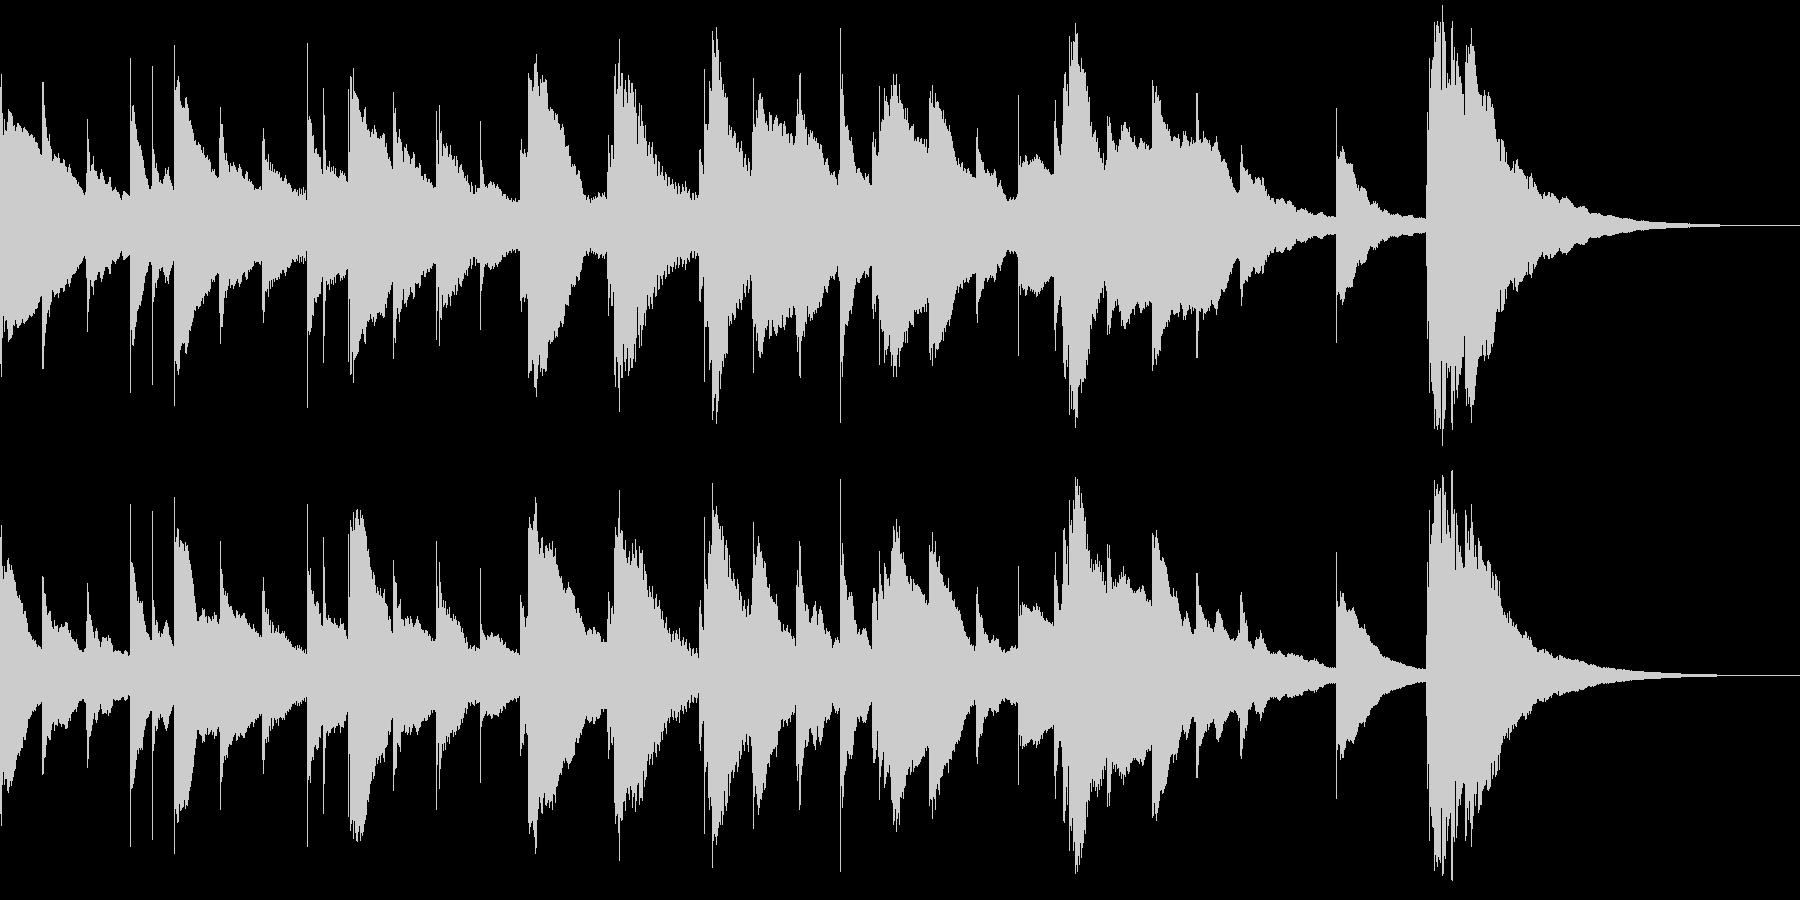 オルゴールが奏でるBGMの未再生の波形